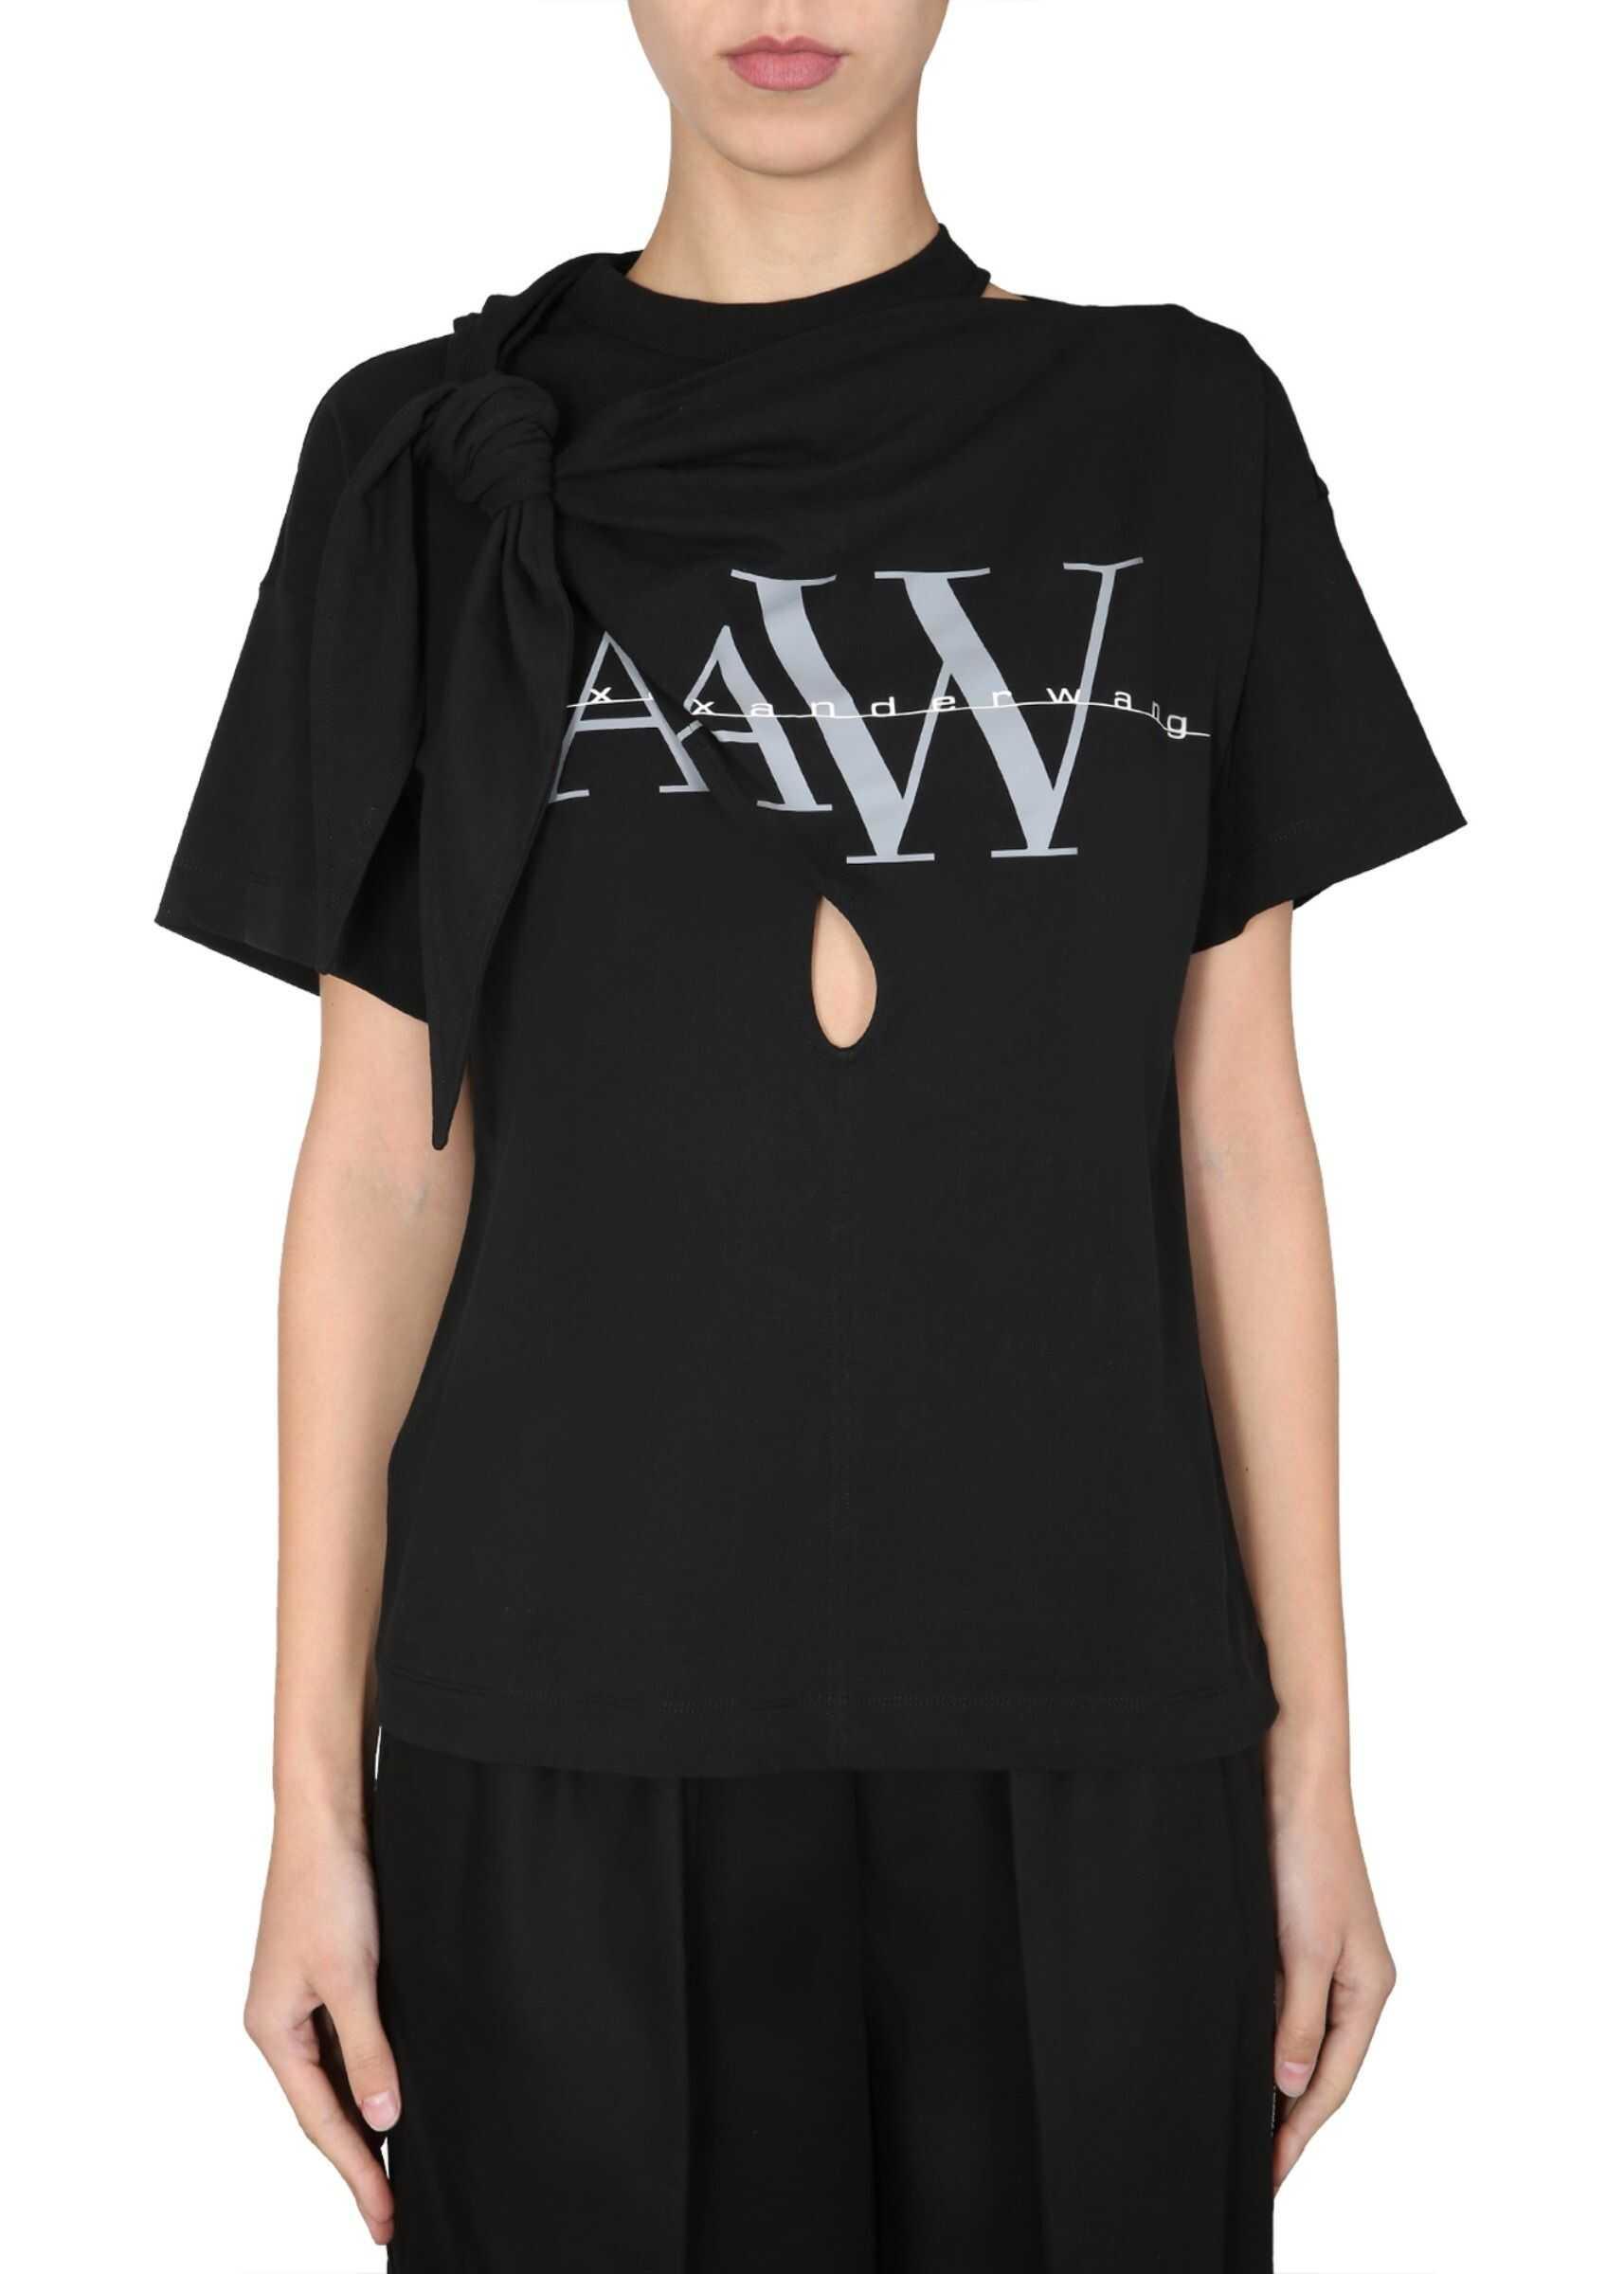 Alexander Wang Destructured T-Shirt BLACK